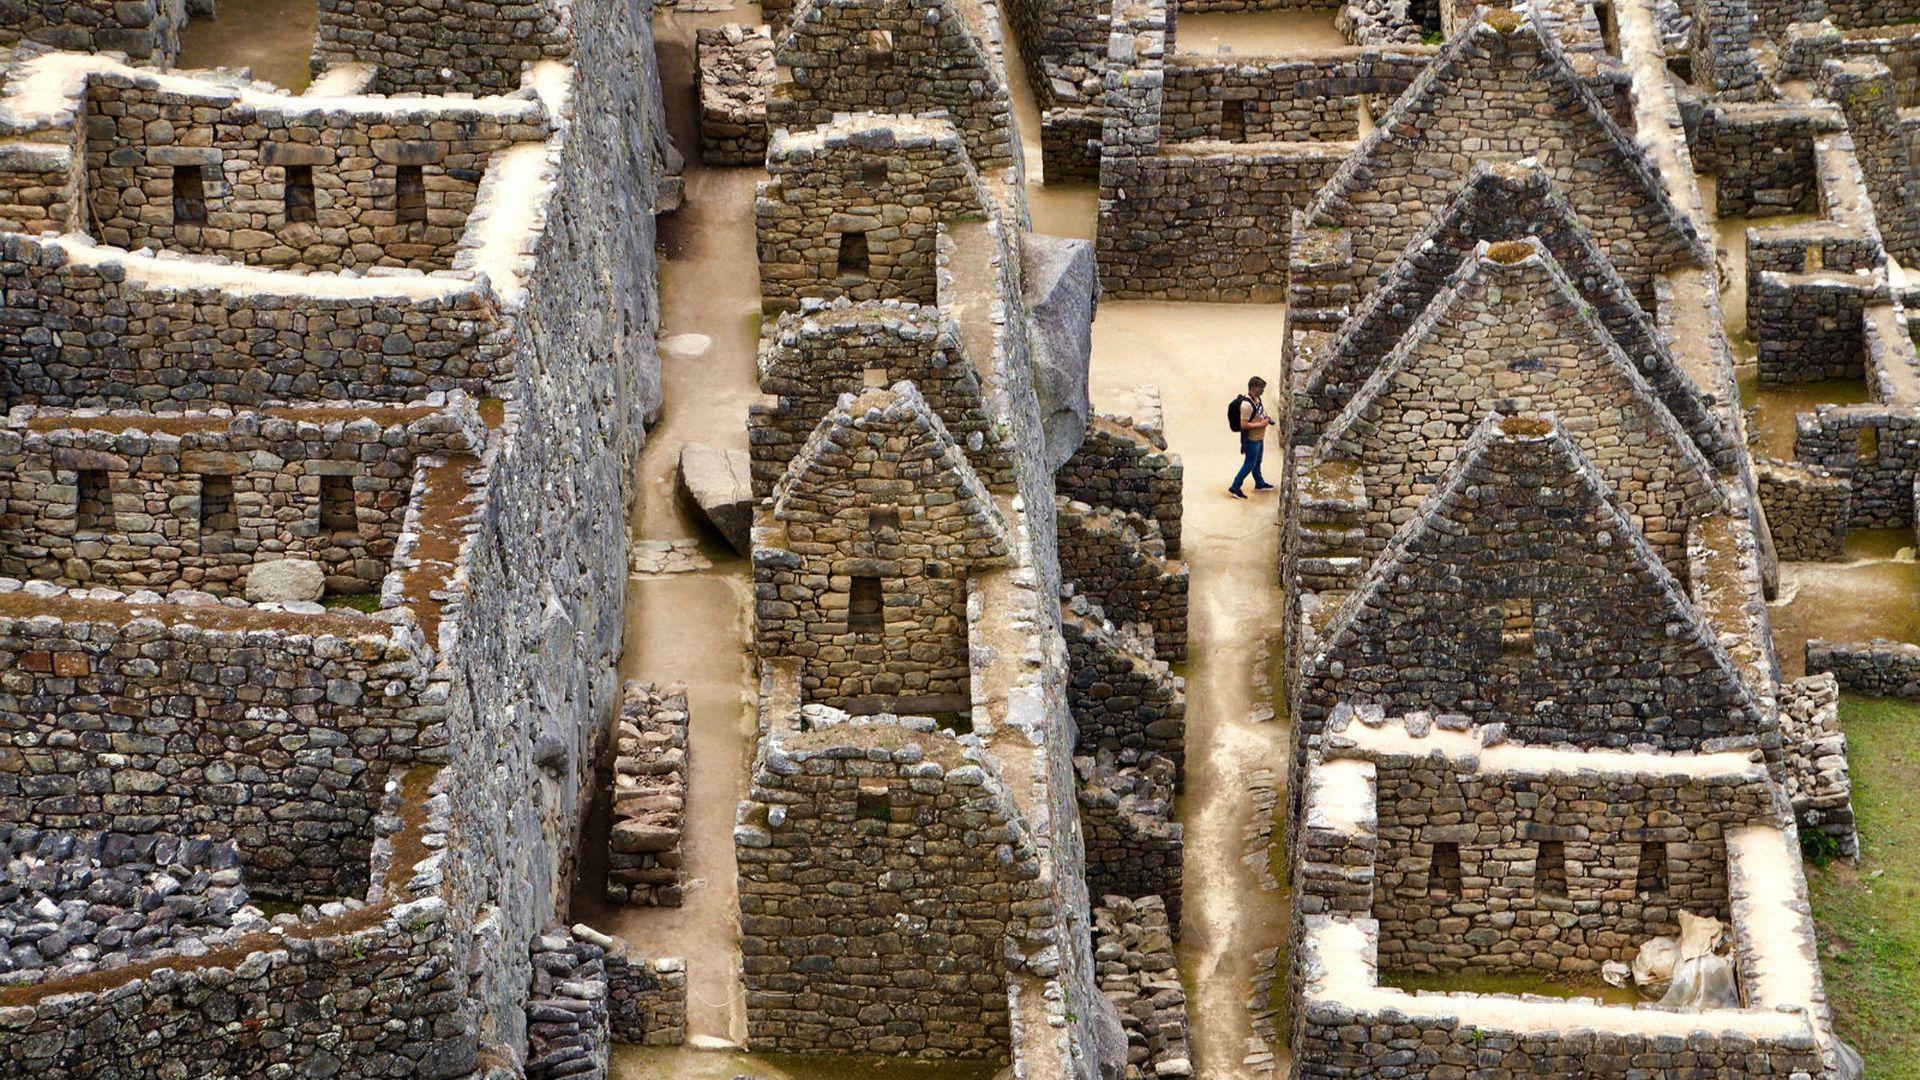 otporan na potrese izgubljeni grad golim rukama sagrađen od kamenih gromada teških i po 50 tona machu picchu često se naziva i izgubljenim gradom inka . razlog je tomu vjerovanje kako španjolci prilikom osvajačkih pohoda i pokoravanja carstva inka nikad nisu našli grad, tako da im je on ostao nepoznat.